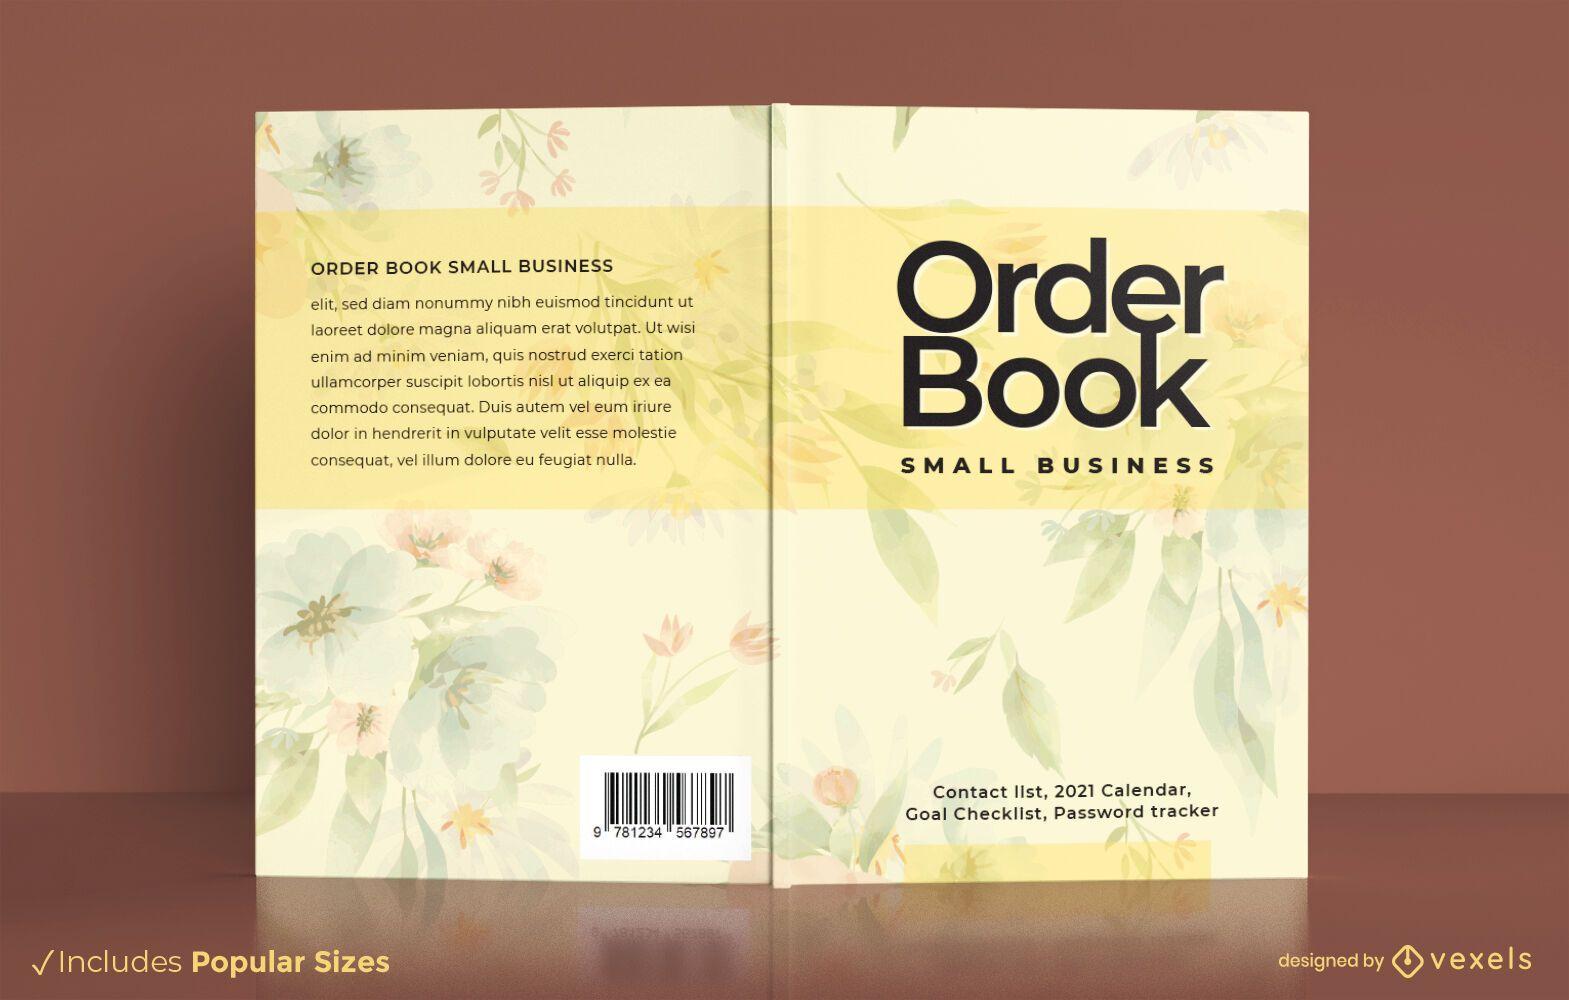 Dise?o de portada de libro de negocios de libro de pedidos